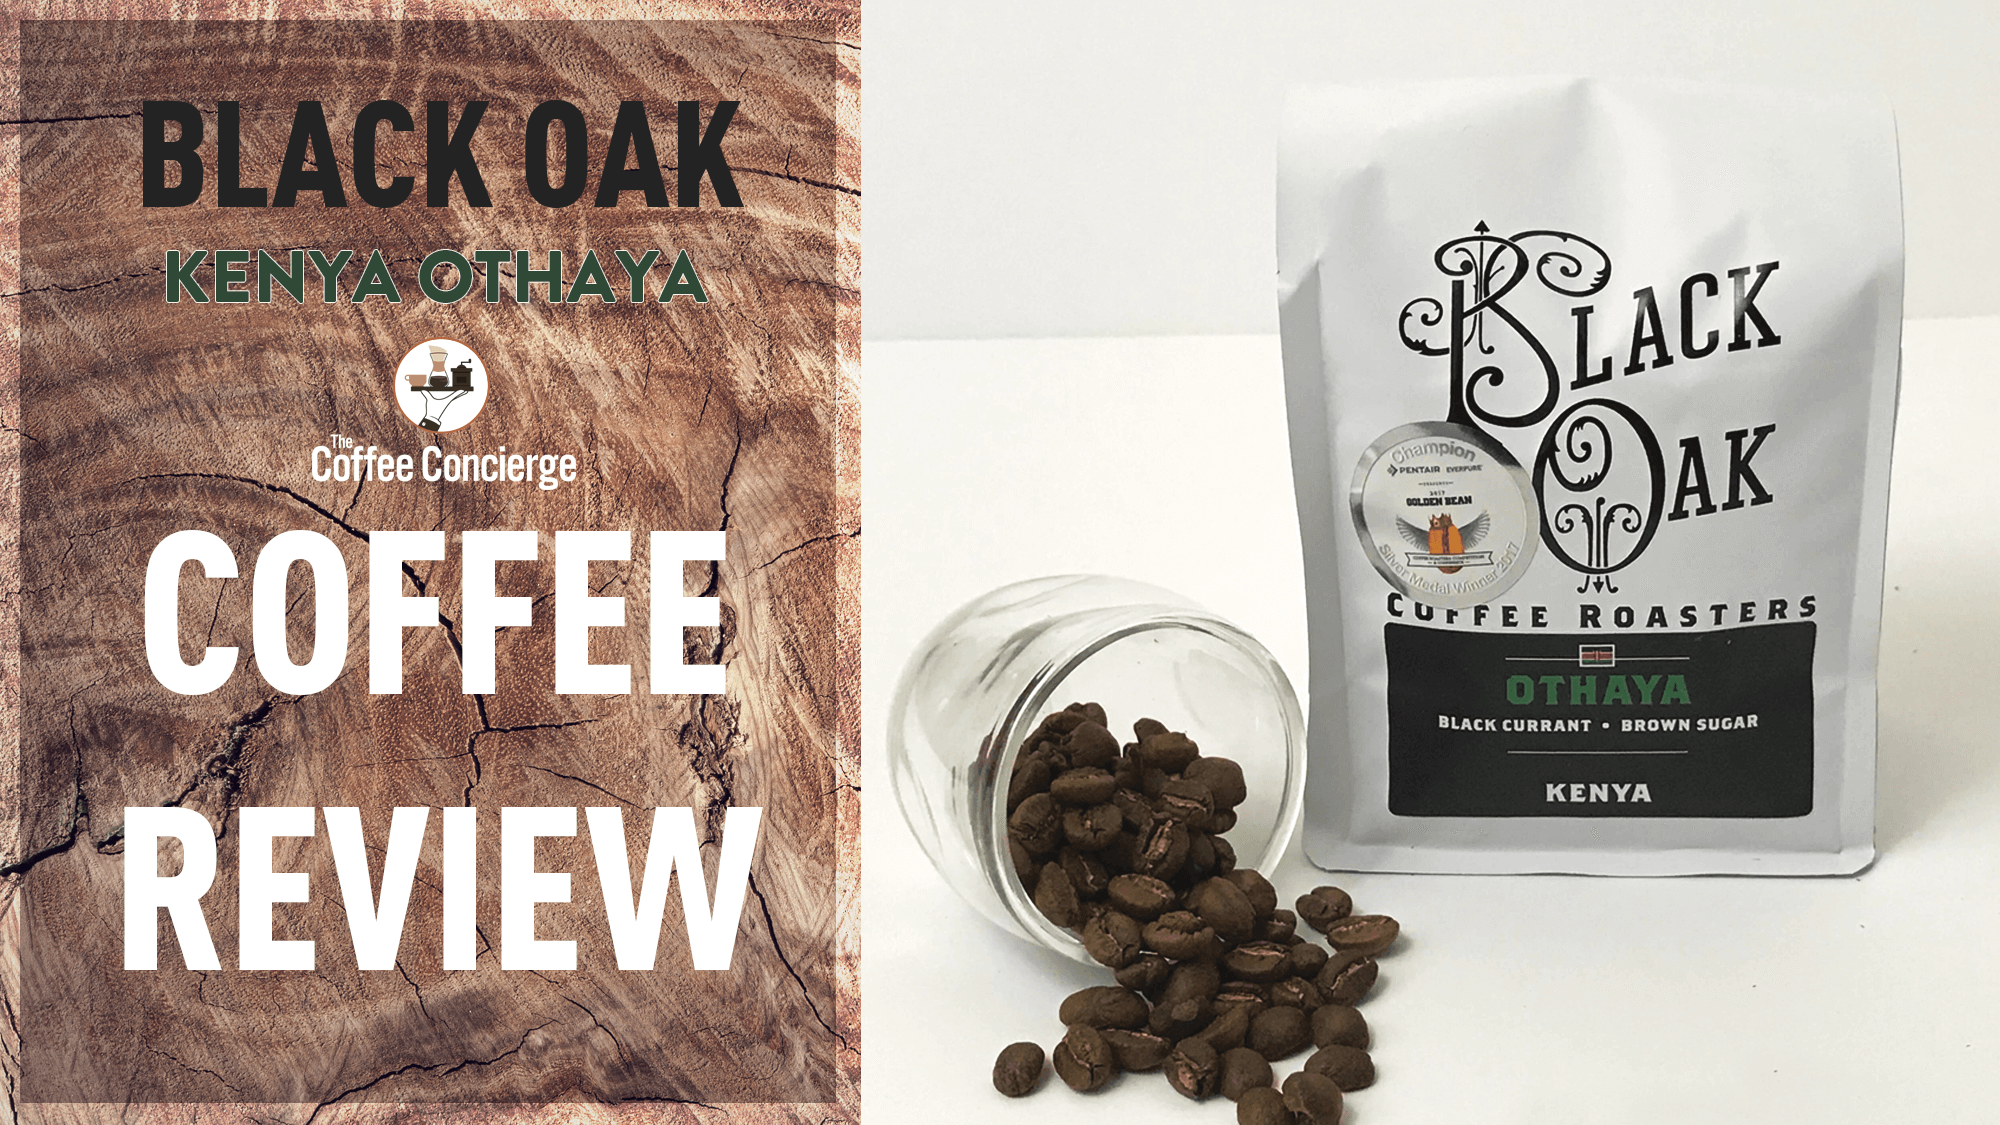 Black Oak Coffee Roasters Kenya Othaya Review